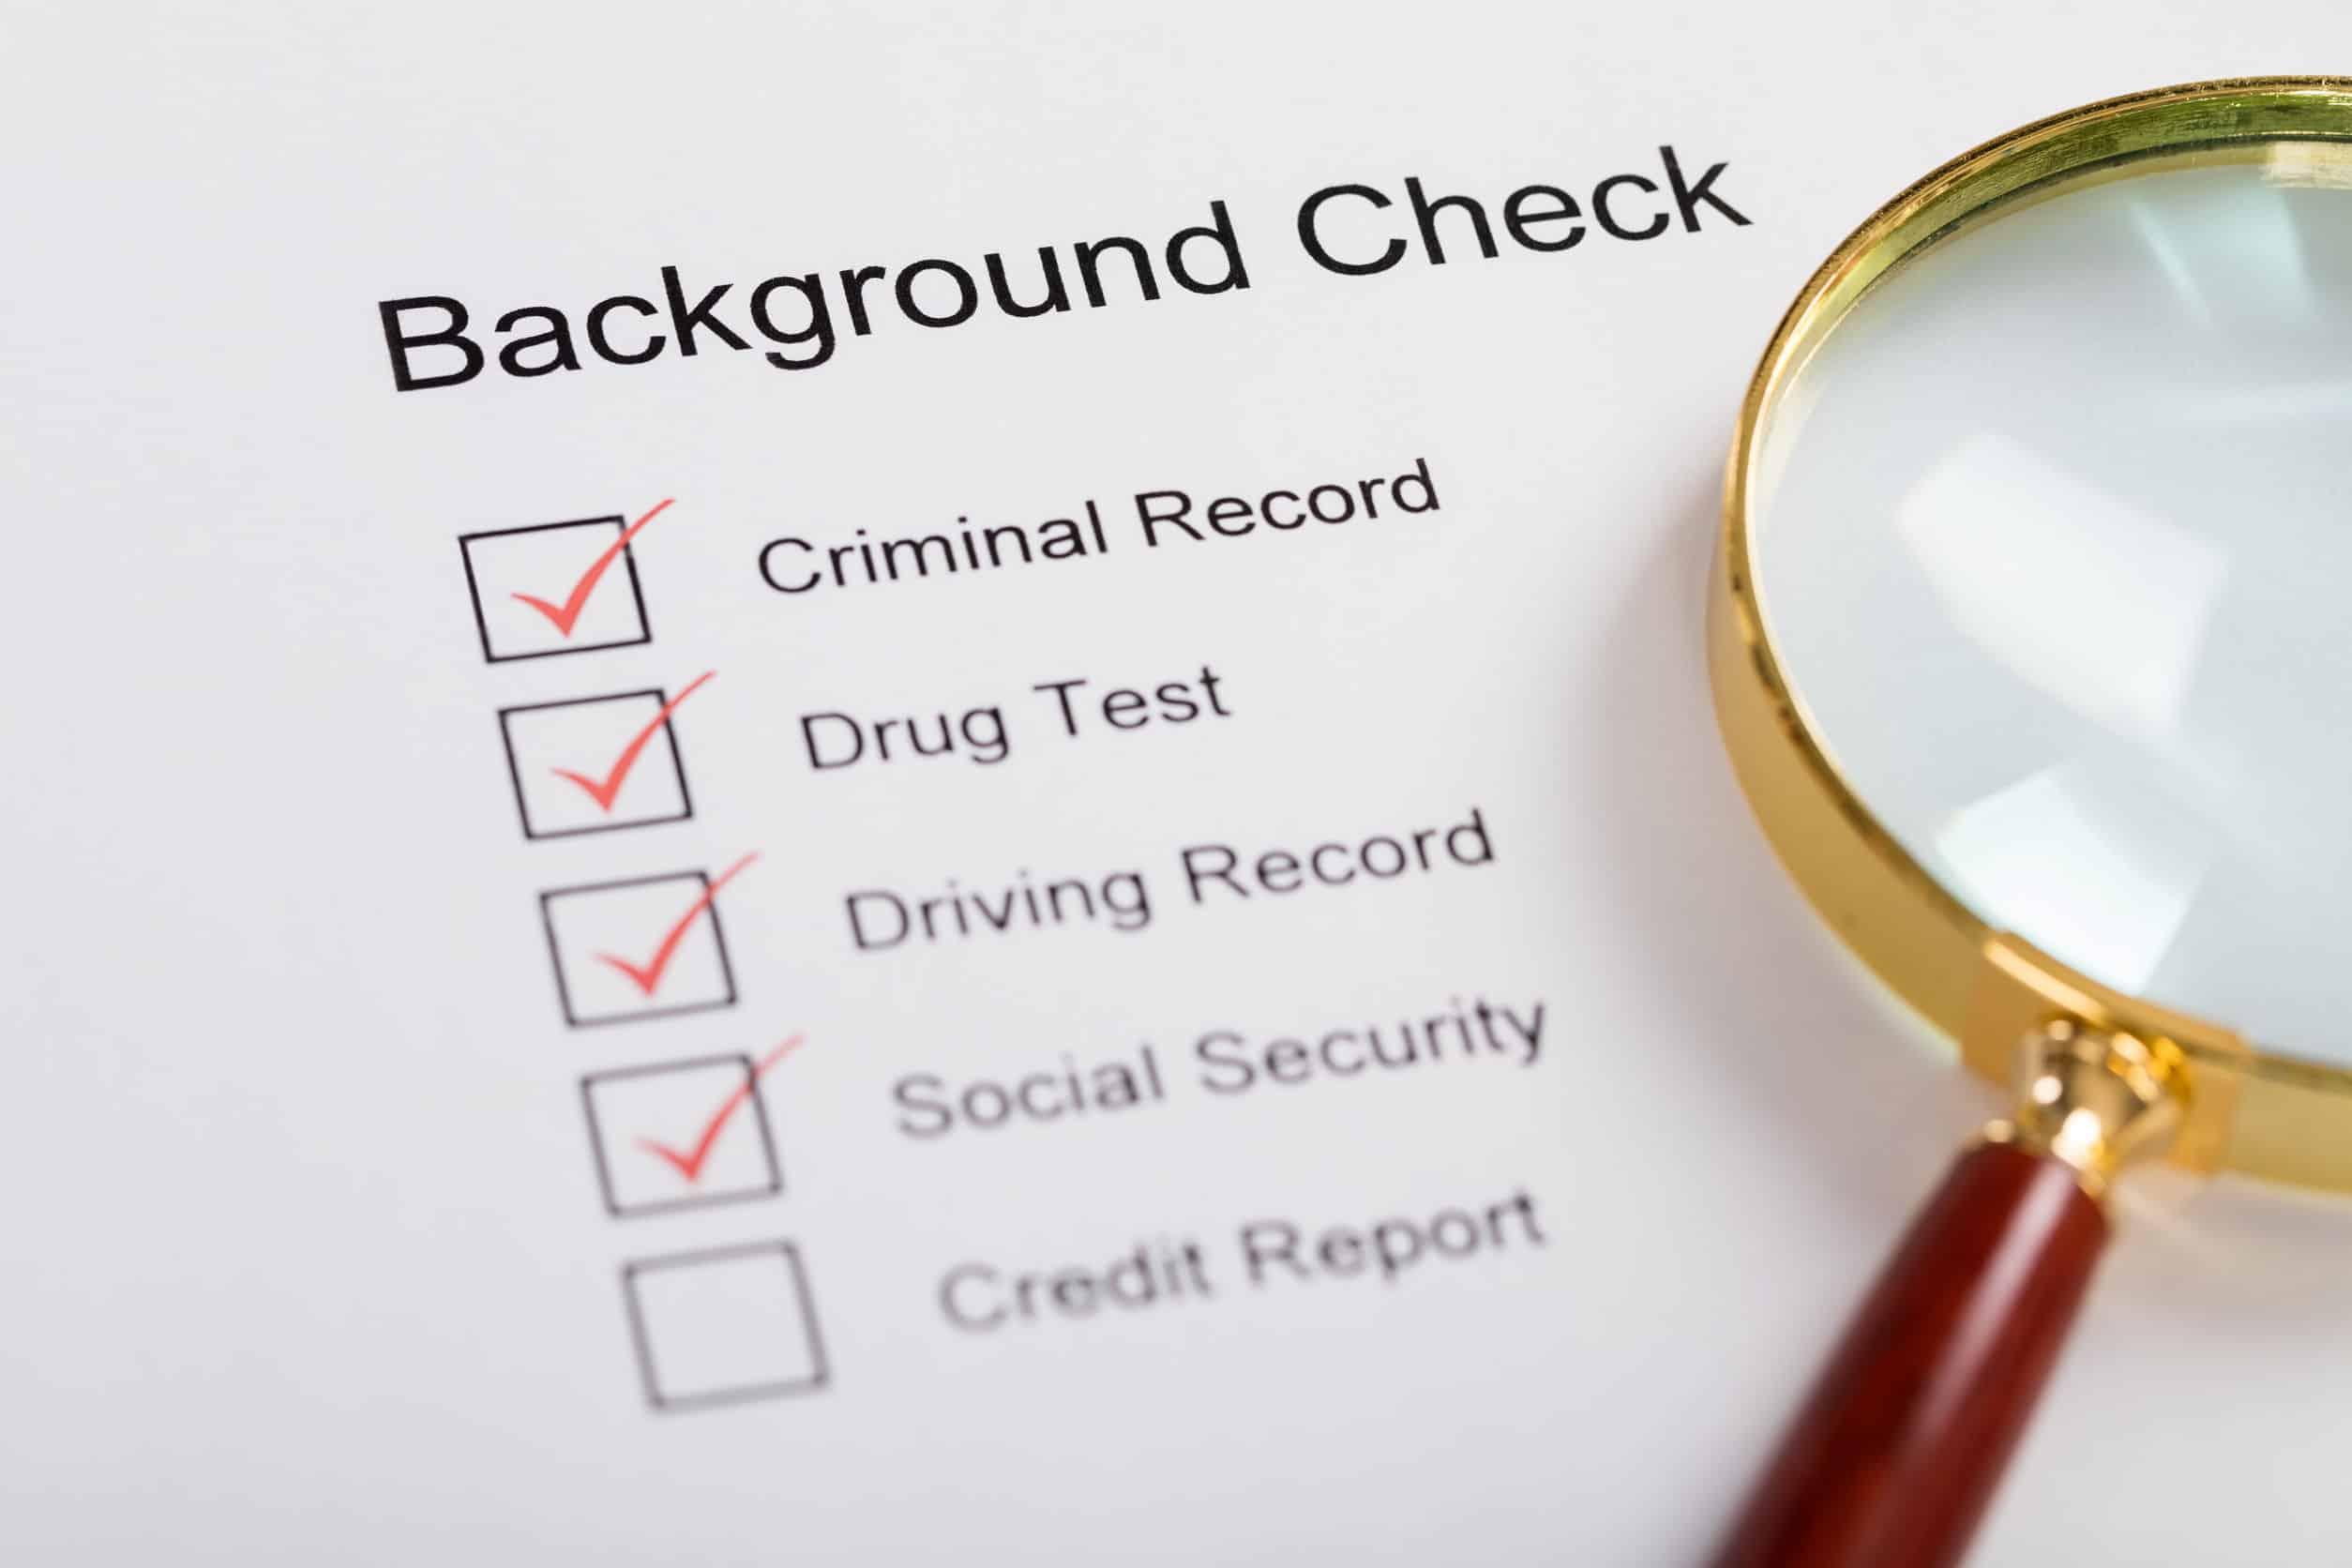 Một kiểm tra lý lịch cho một chương trình công việc là gì?